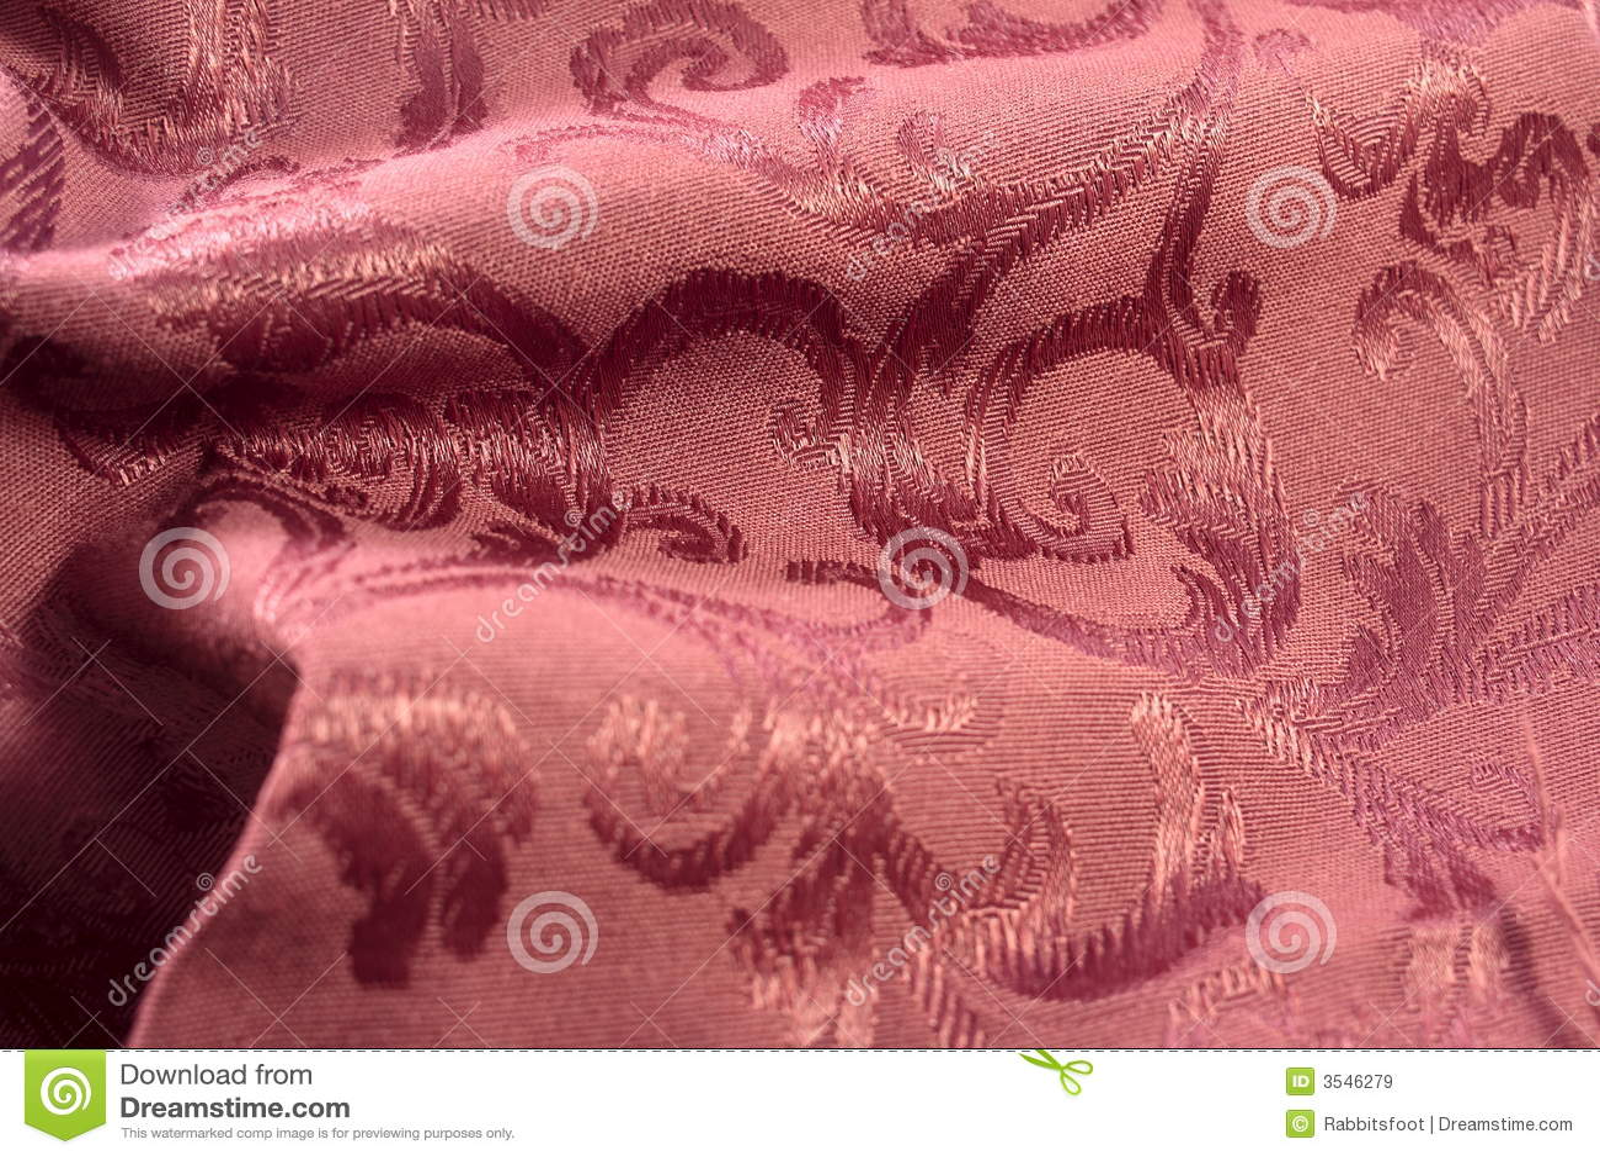 Burgundy Damask Fabric stock image. Image of sewn ...